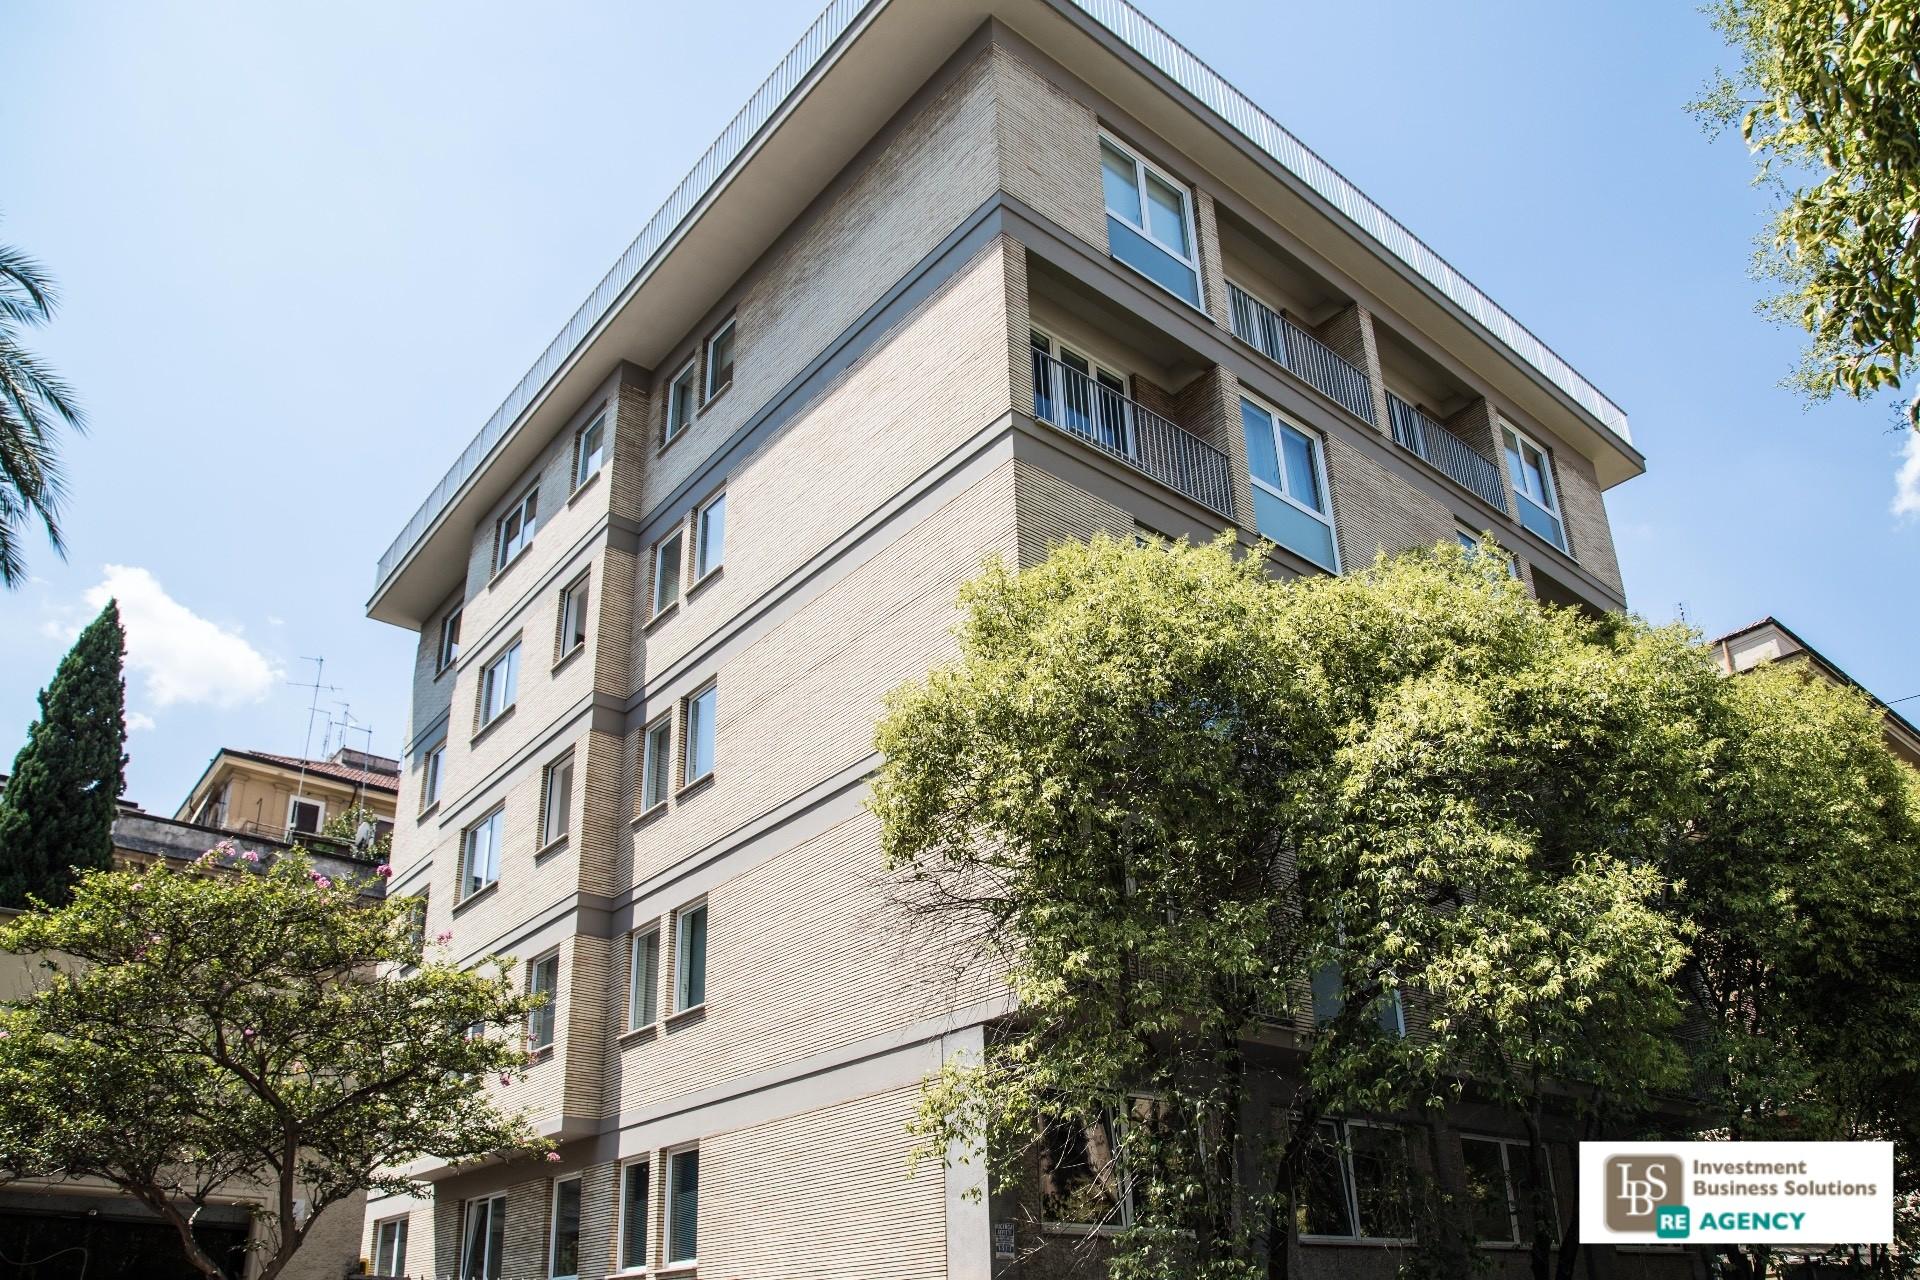 Uffici in affitto a roma in zona trieste cerca con for Affitto ufficio roma trieste salario